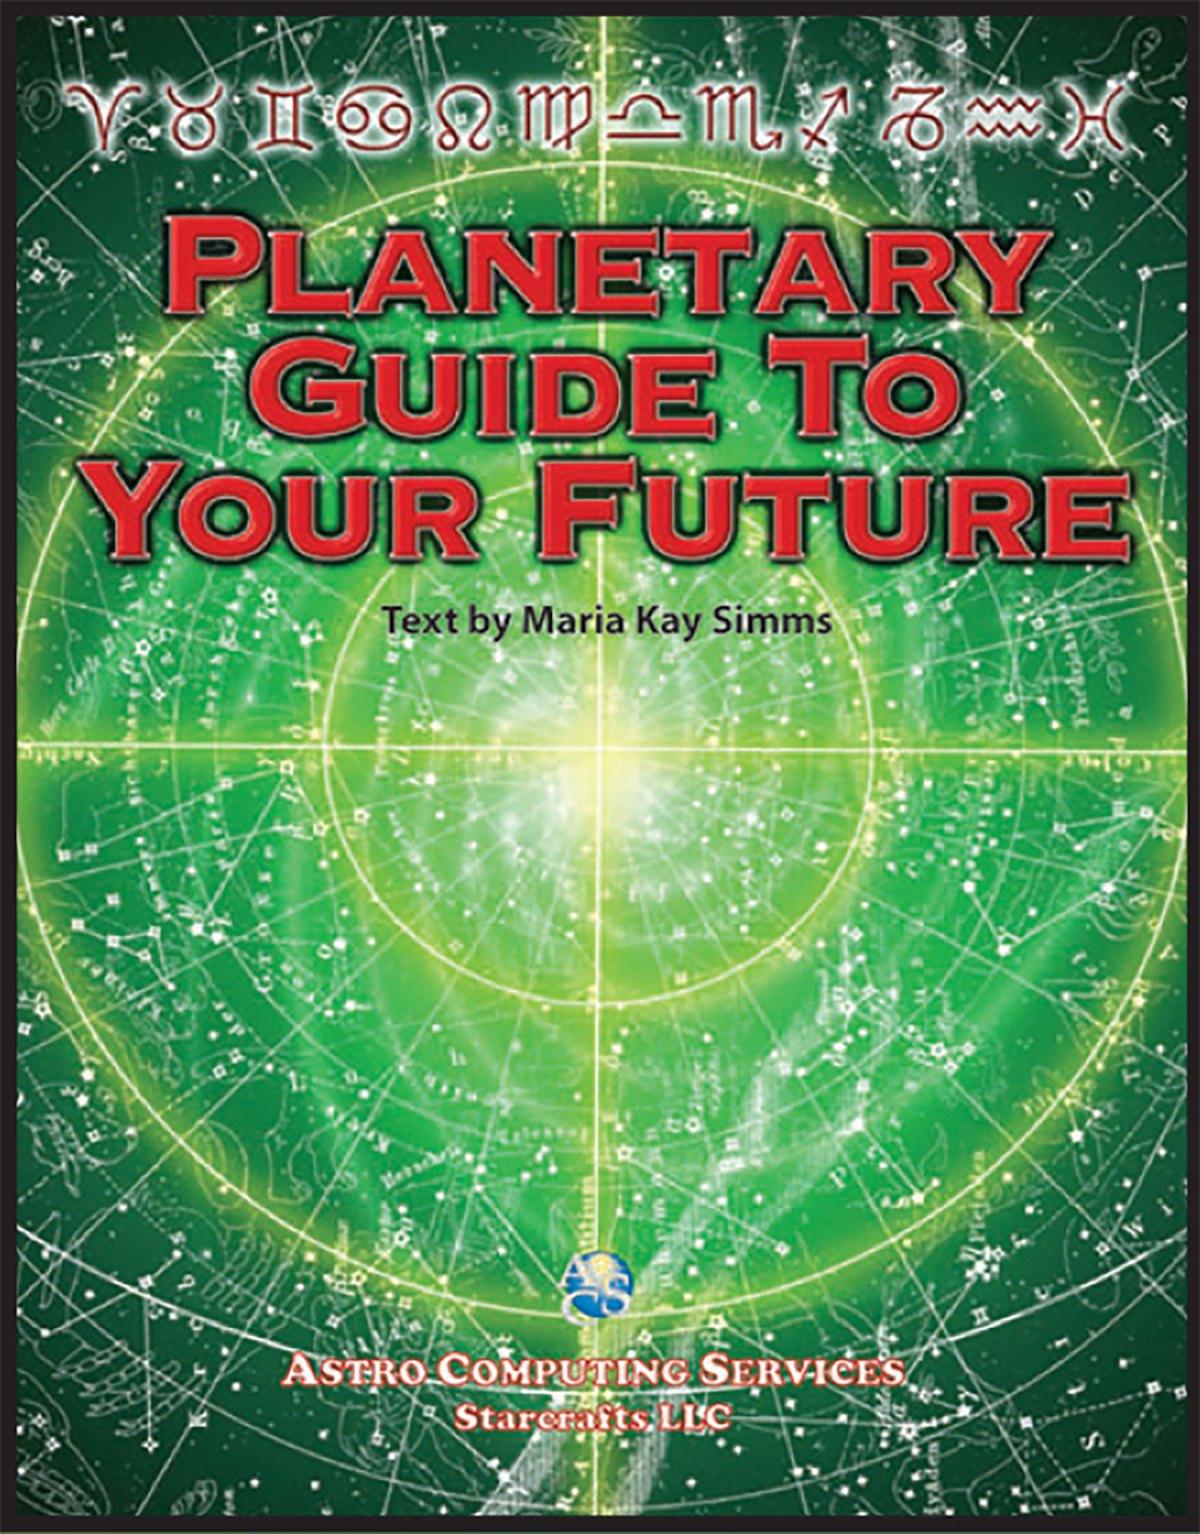 Planetary-Guide-cvr